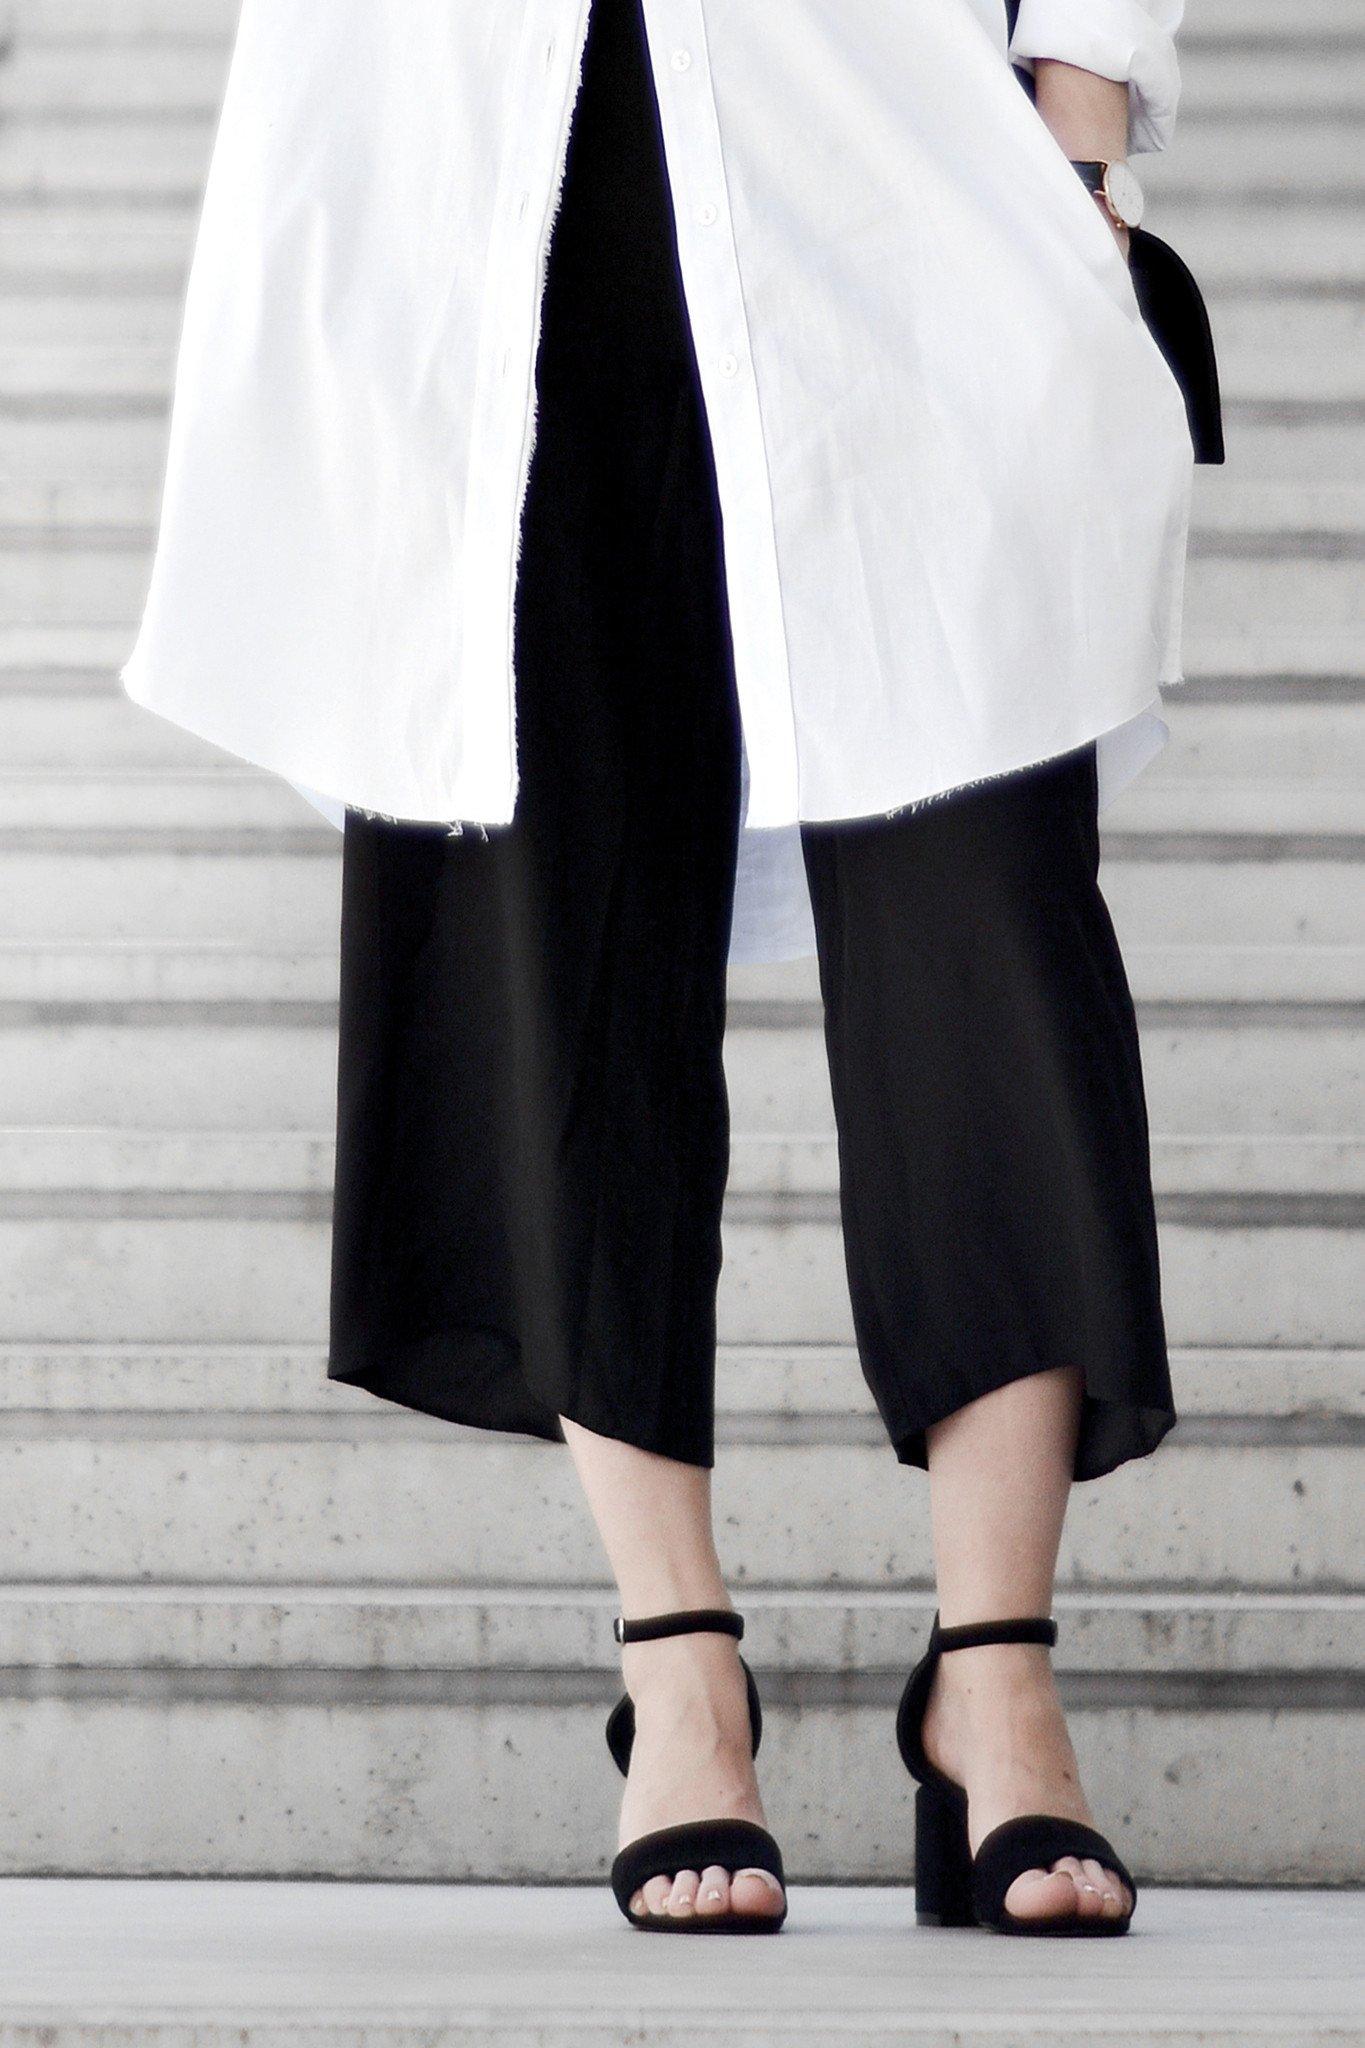 4. Culottes - Je weiter, desto besser. Breite Hosenbeine sind das neue modische Motto dieses Jahres zu sein. Skinny ist vorbei.(Clémence – Odette Silk Culotte)